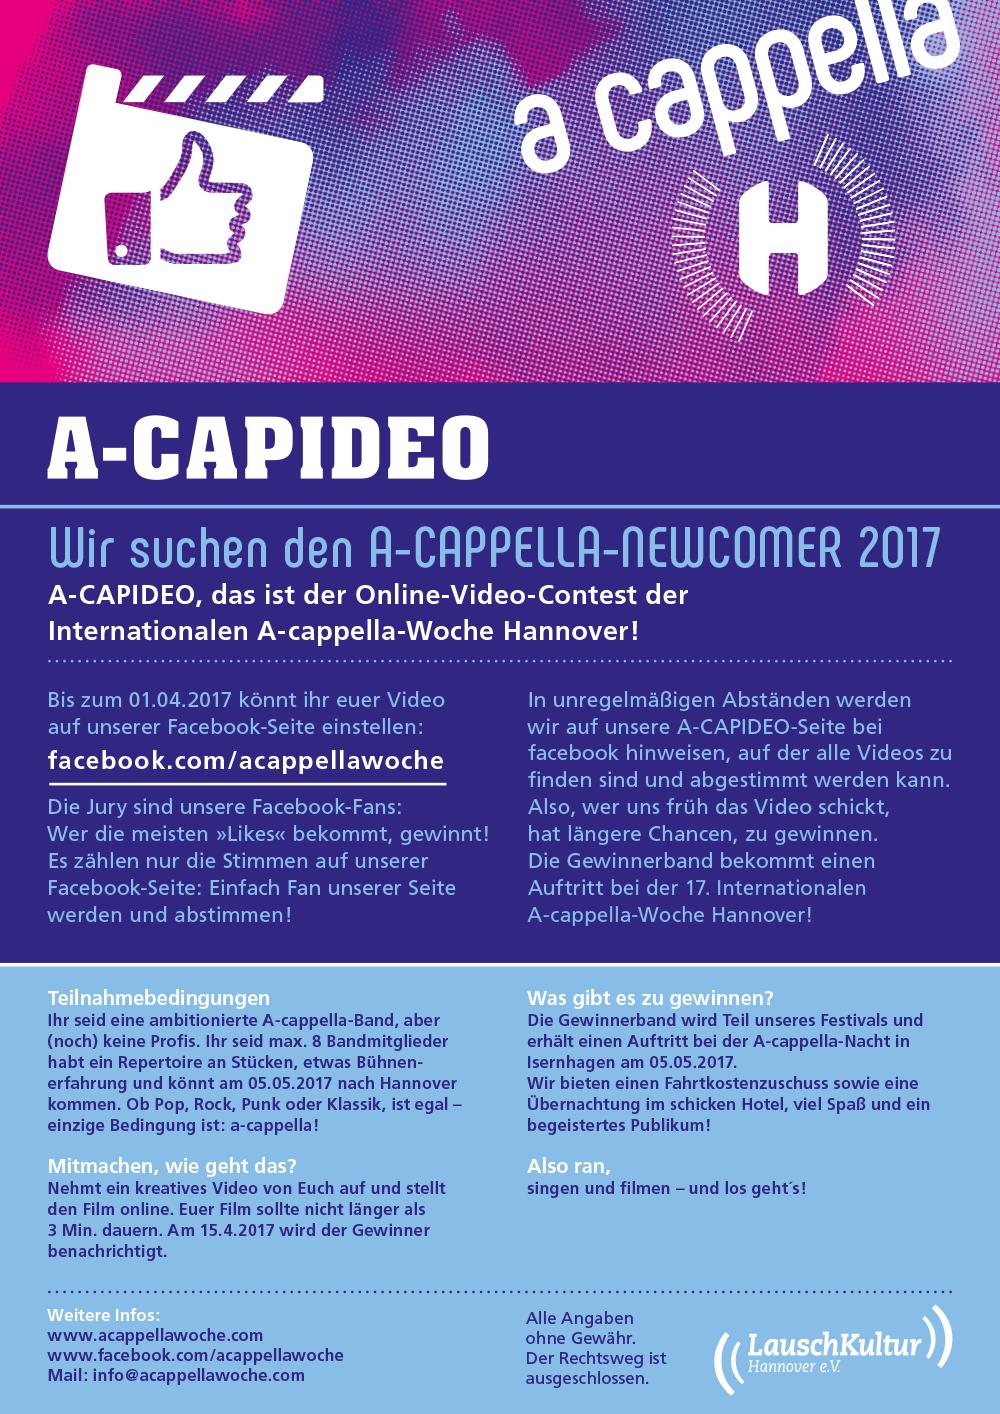 ACAPIDEO_2017_DE